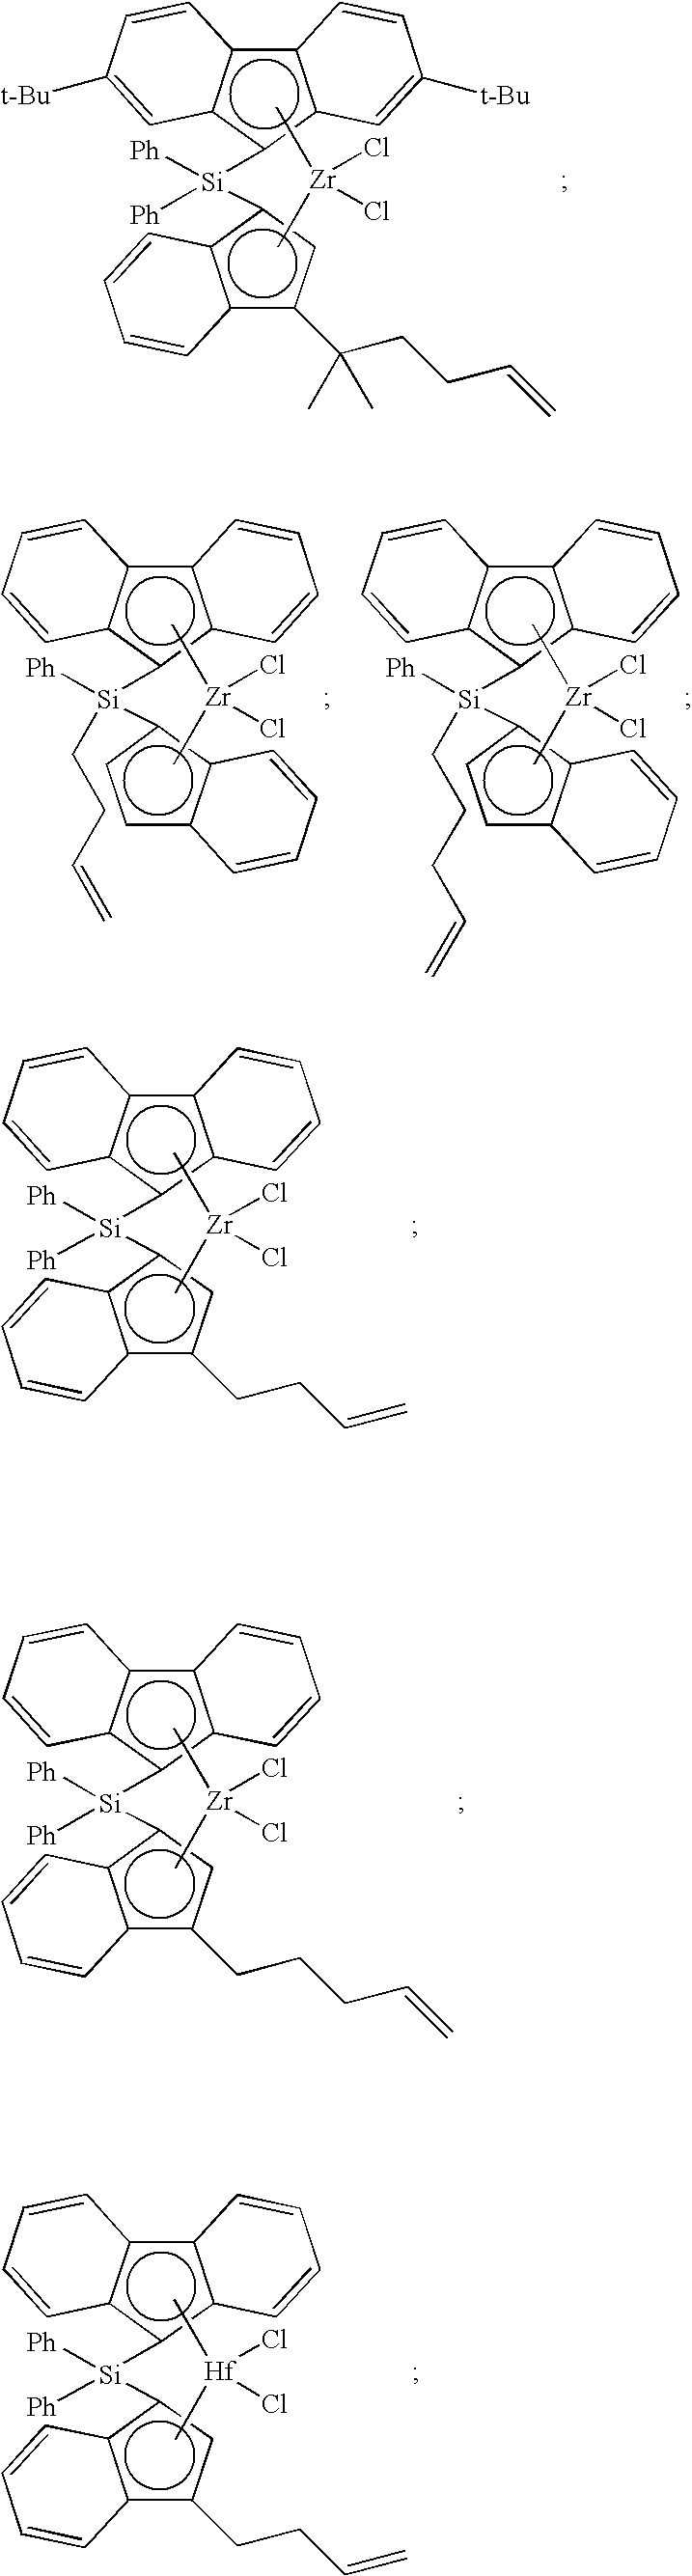 Figure US20100331505A1-20101230-C00019